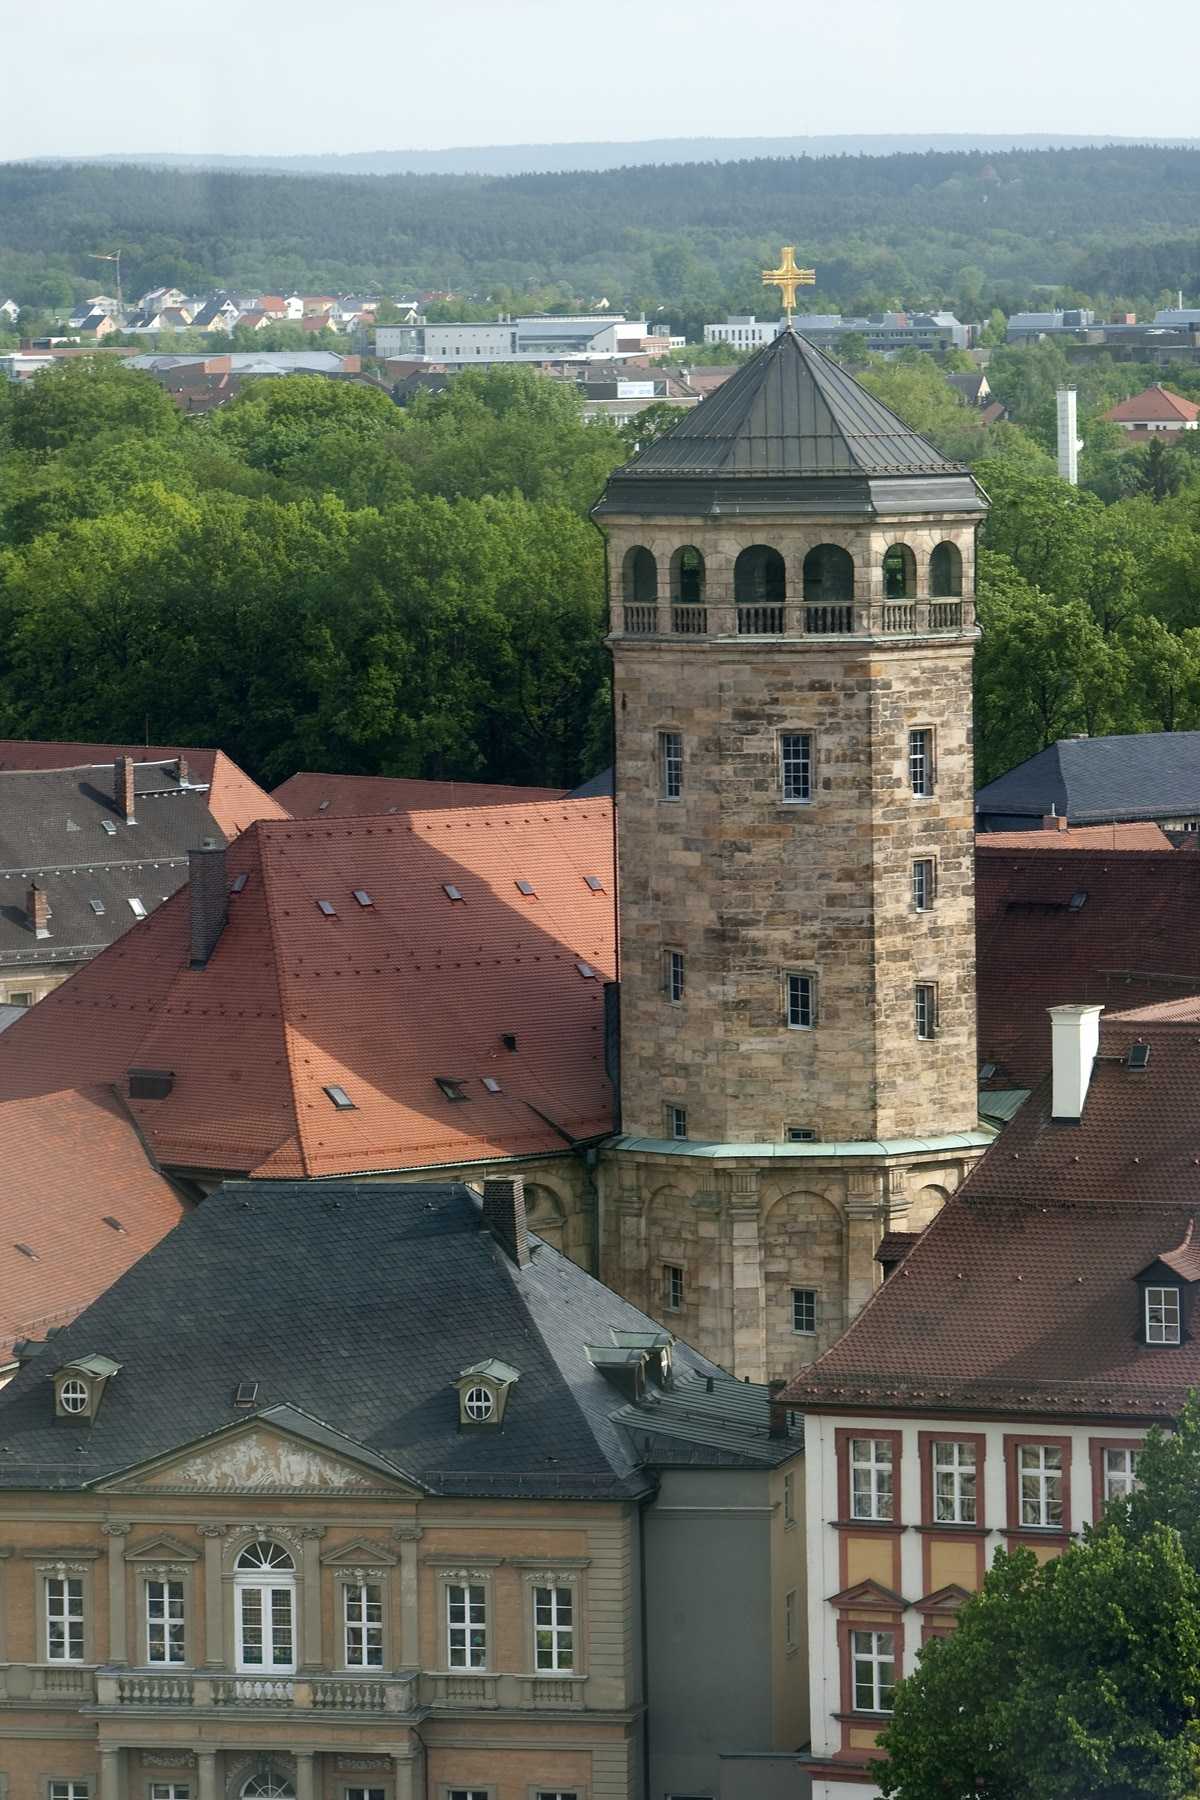 Schlossturm